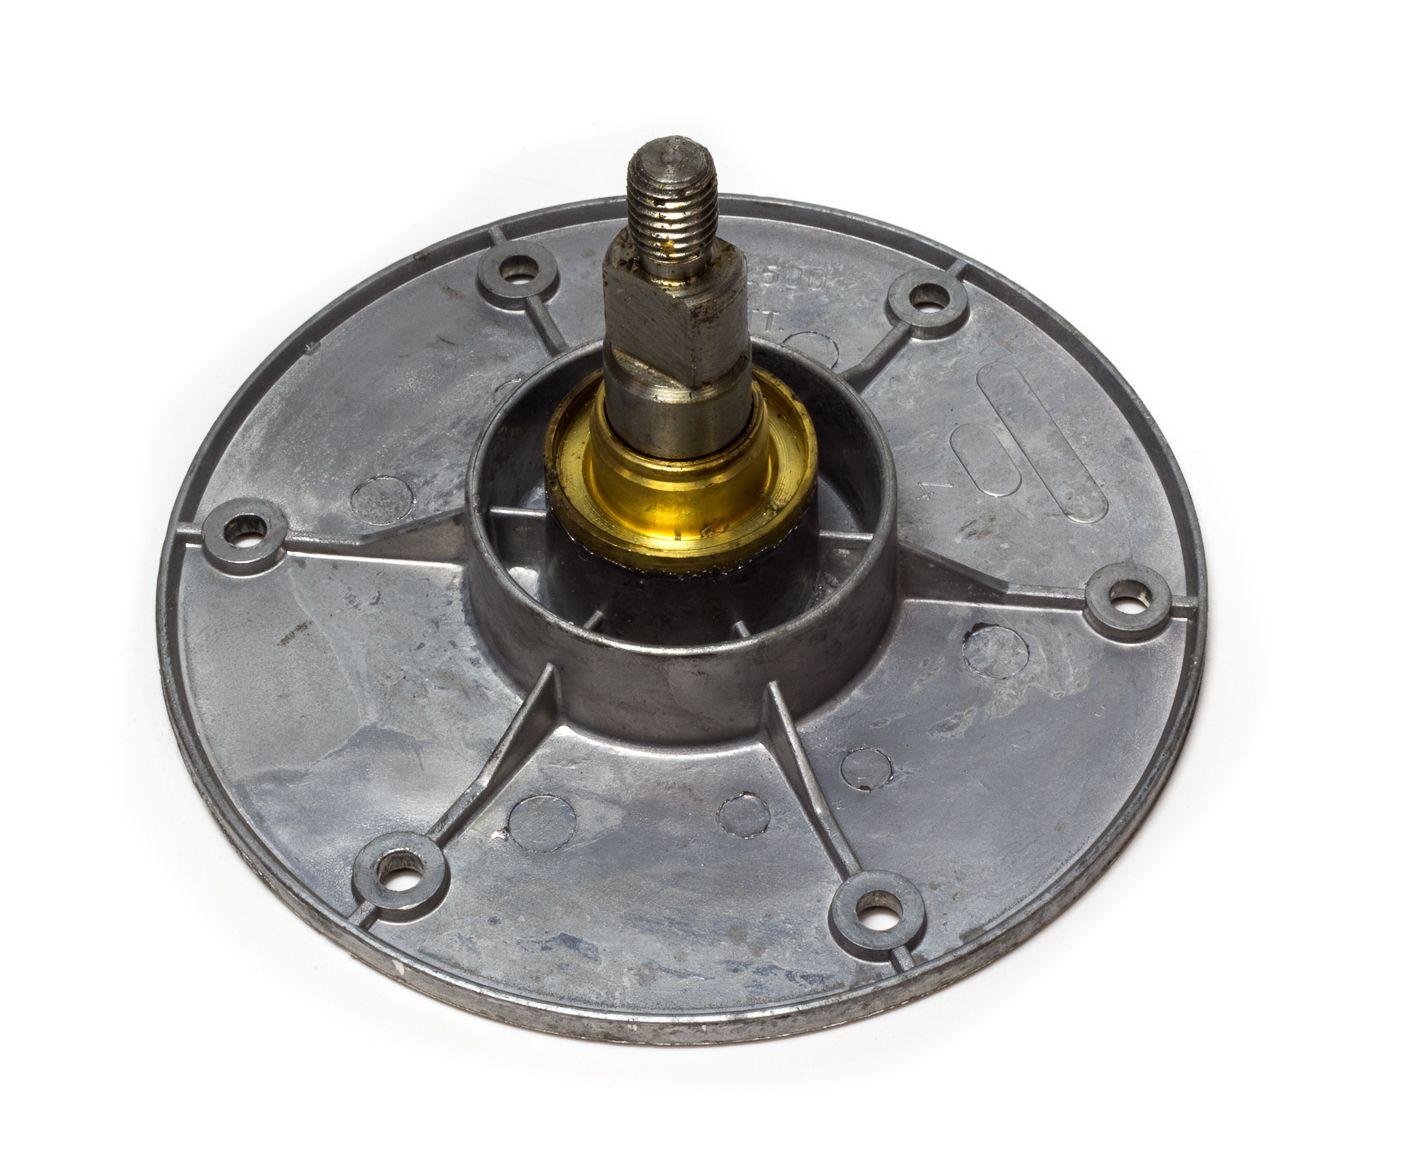 originální hřídel bubnu pro vrchem plněné pračky Ardo - 236002500